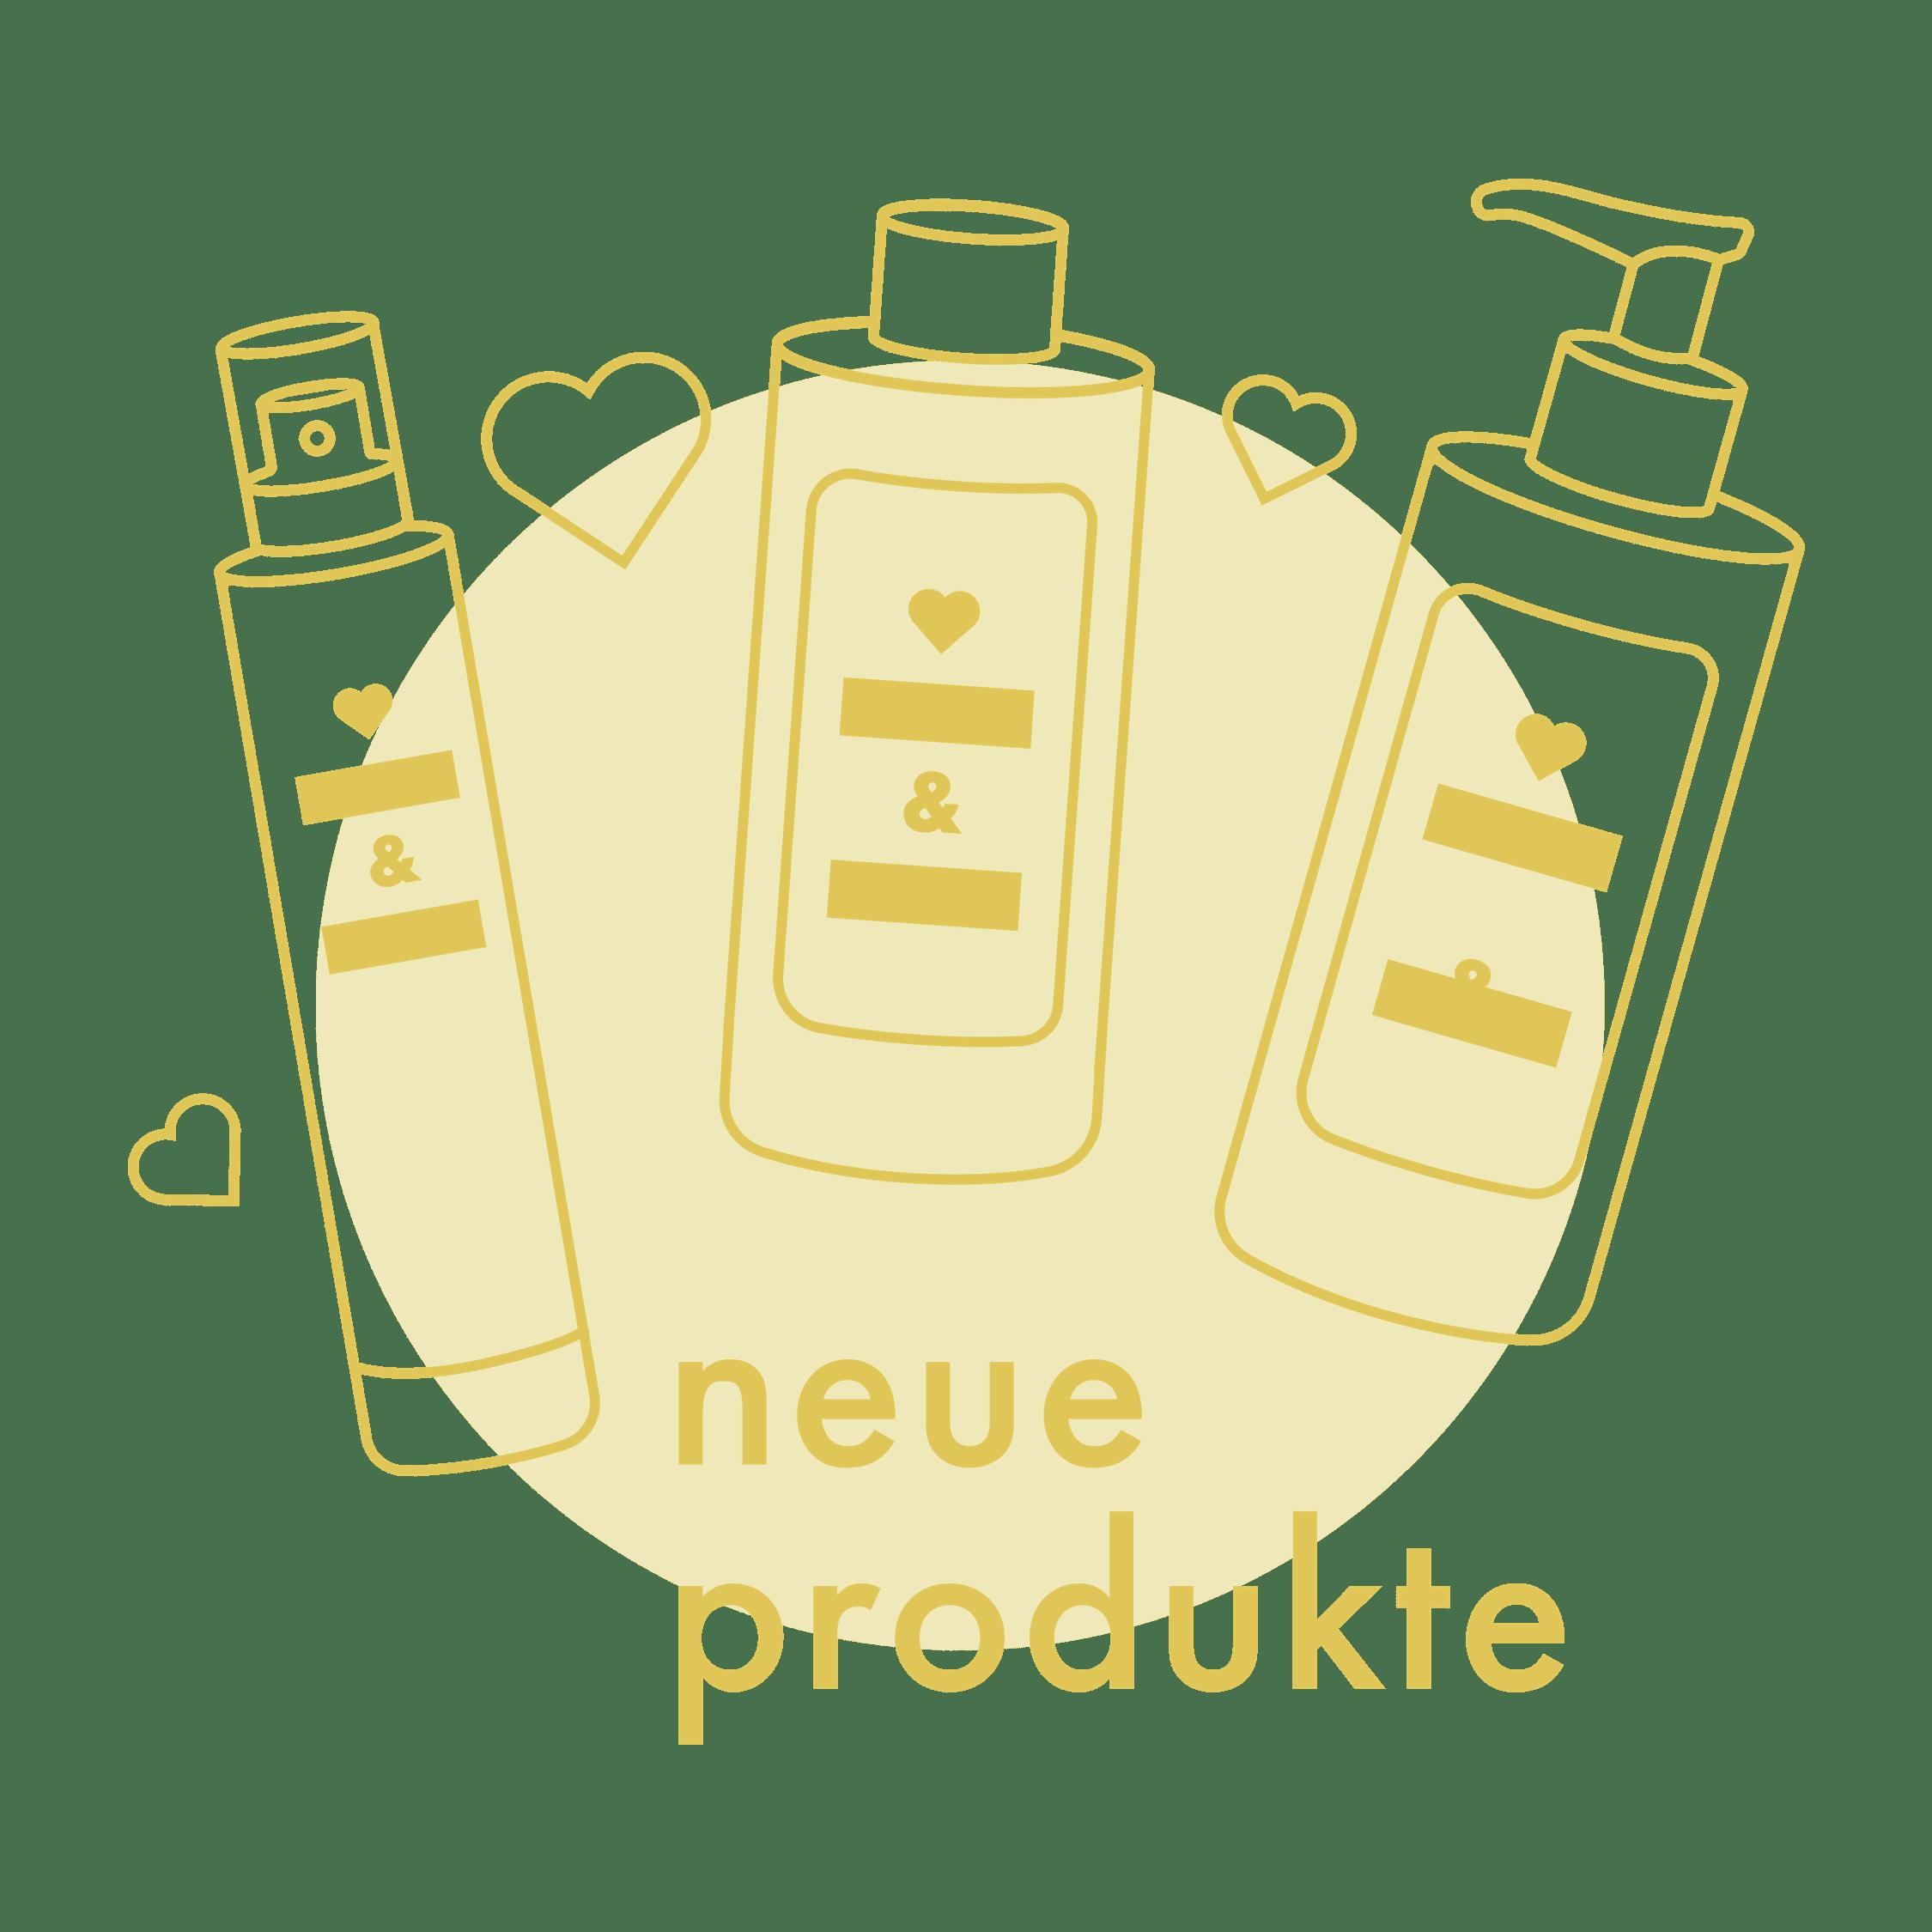 Unilever Friends - Neue Produkte